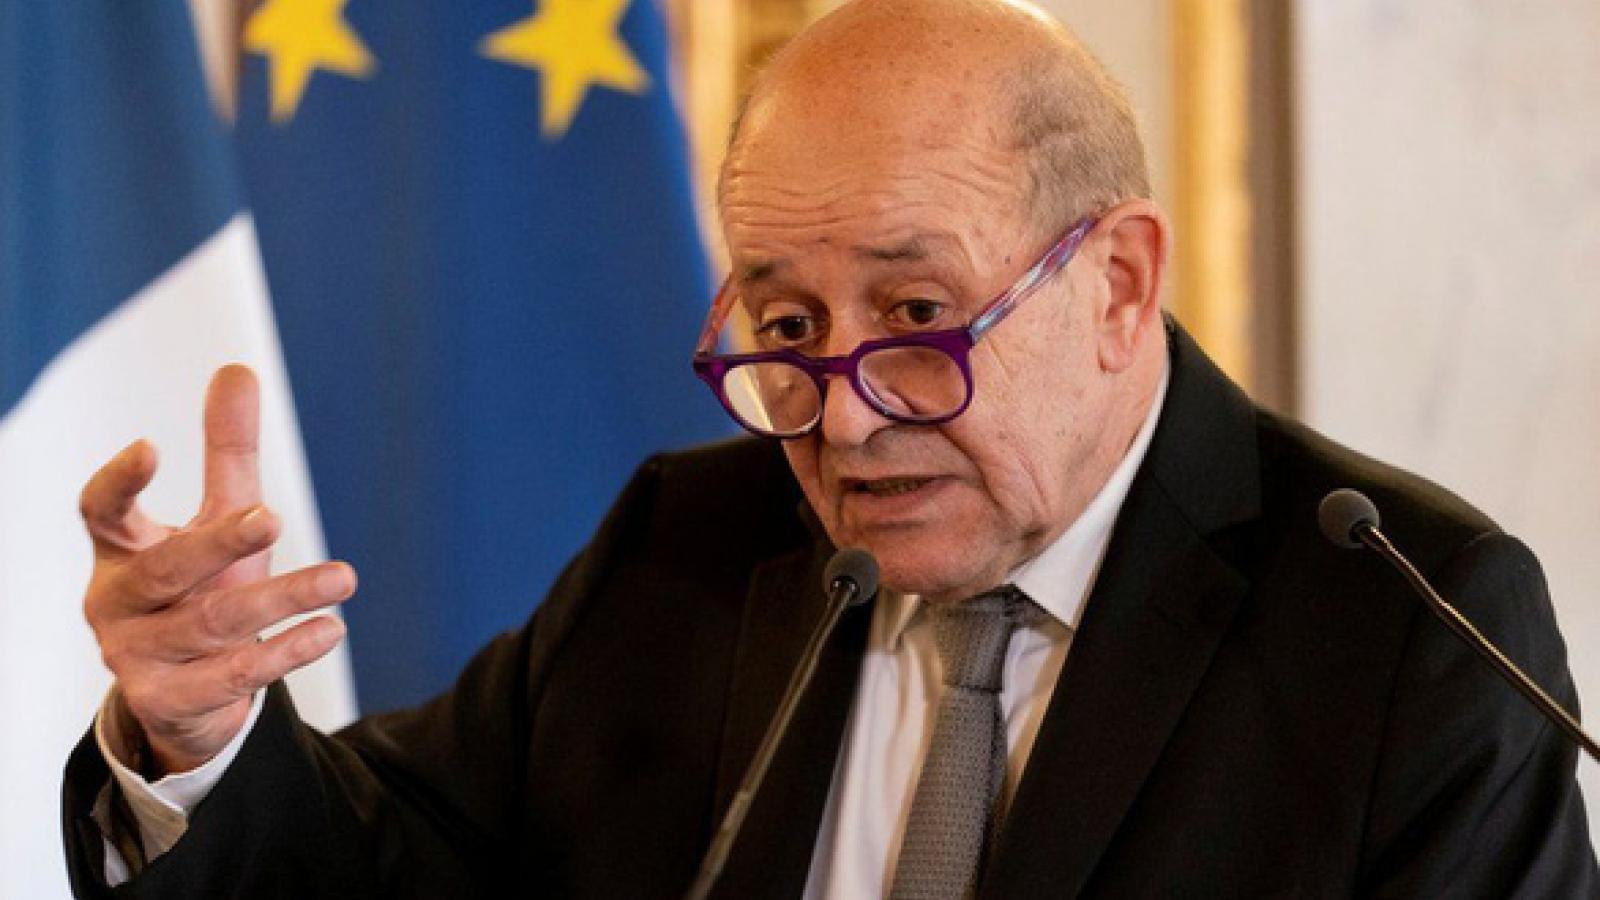 Ngoại trưởng Pháp tổ chức họp báo tại New York – nói về AUKUS, Iran và Libya